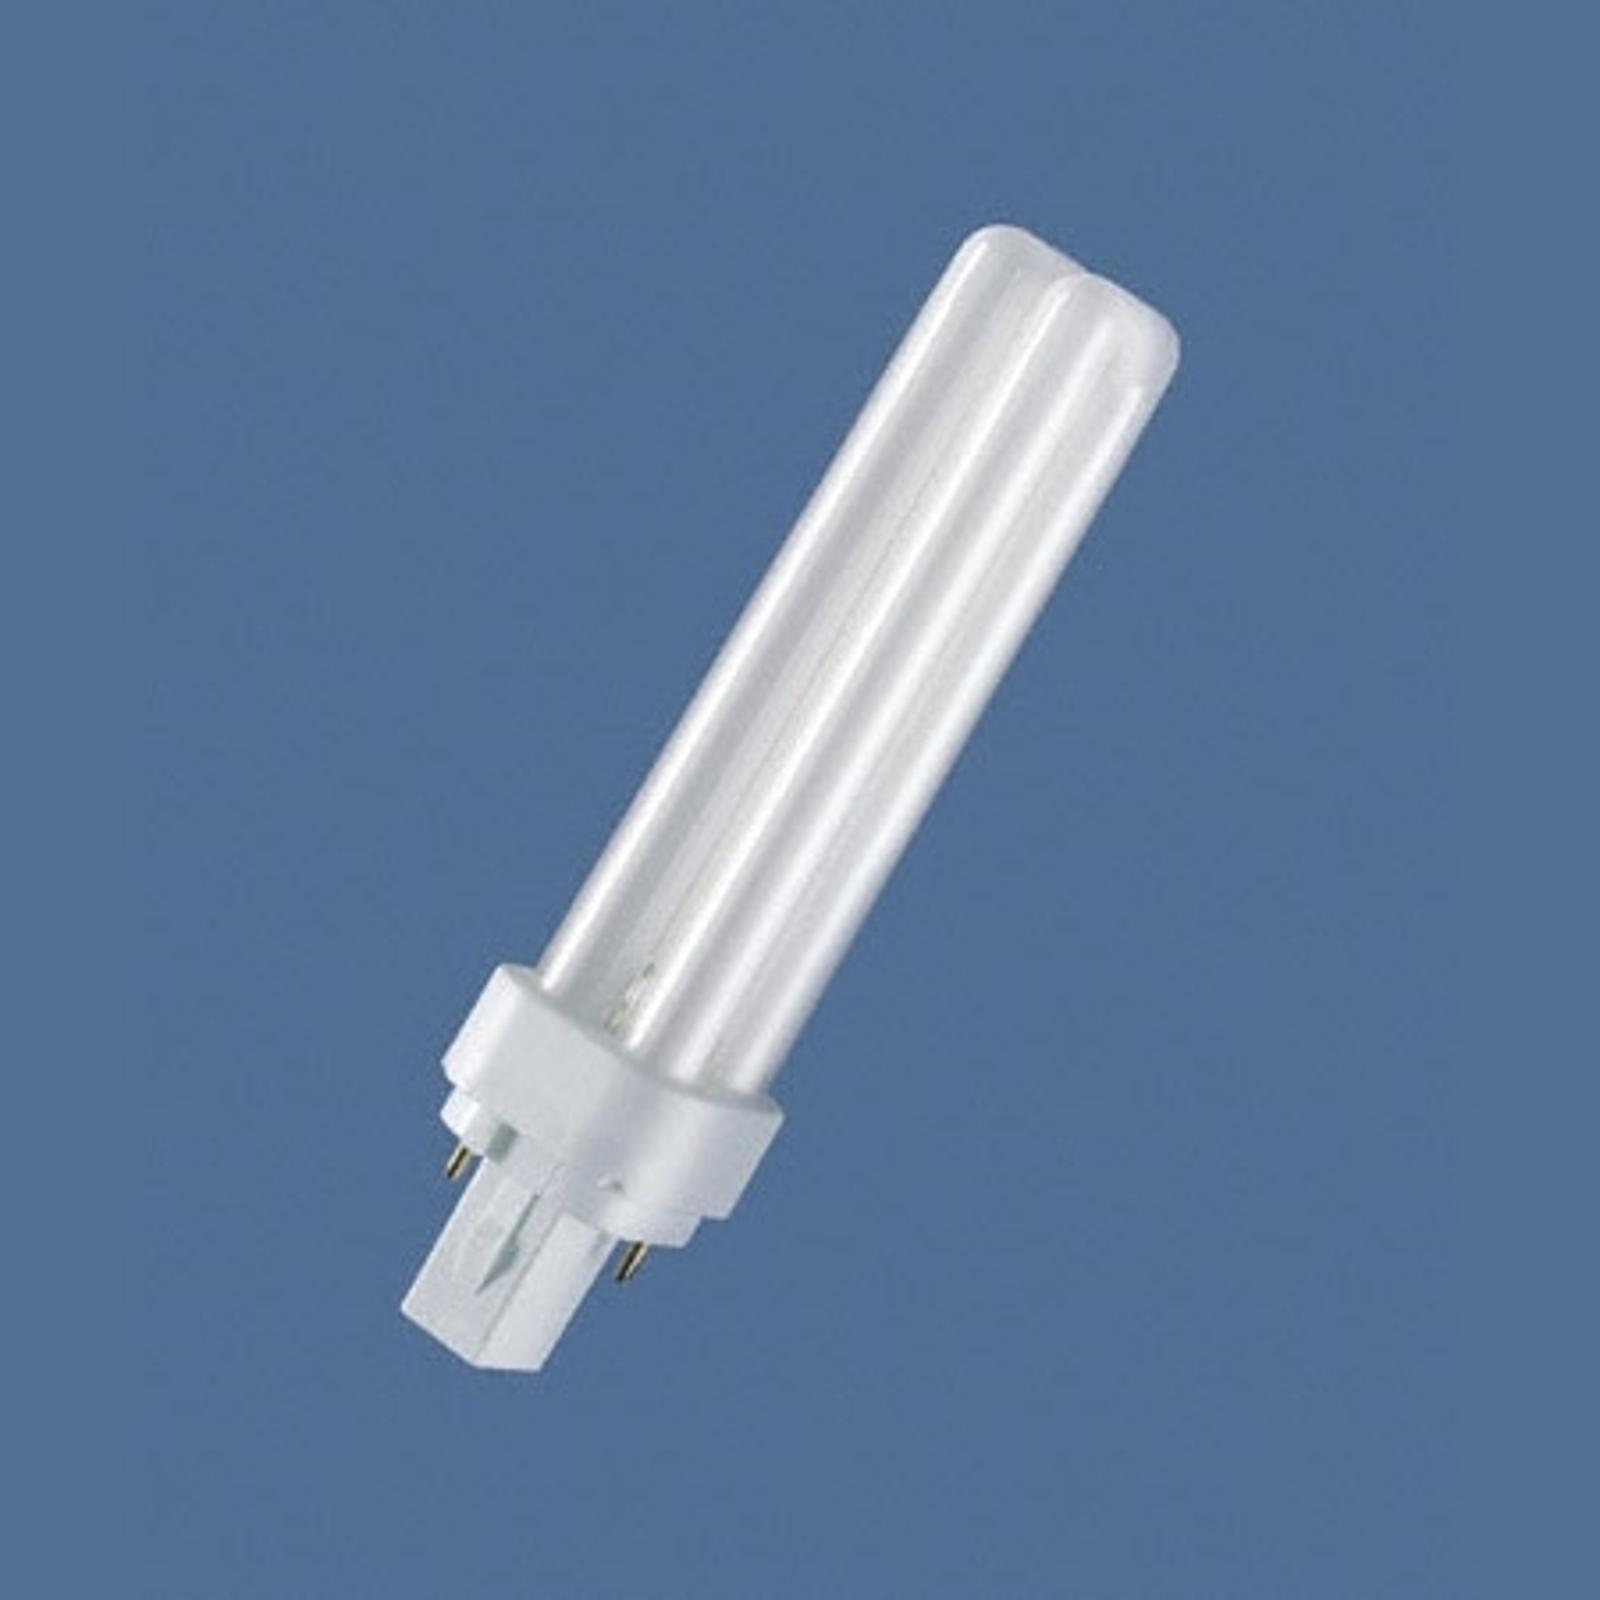 G24d 10W/827 Ampoule fluo-compacte Dulux D